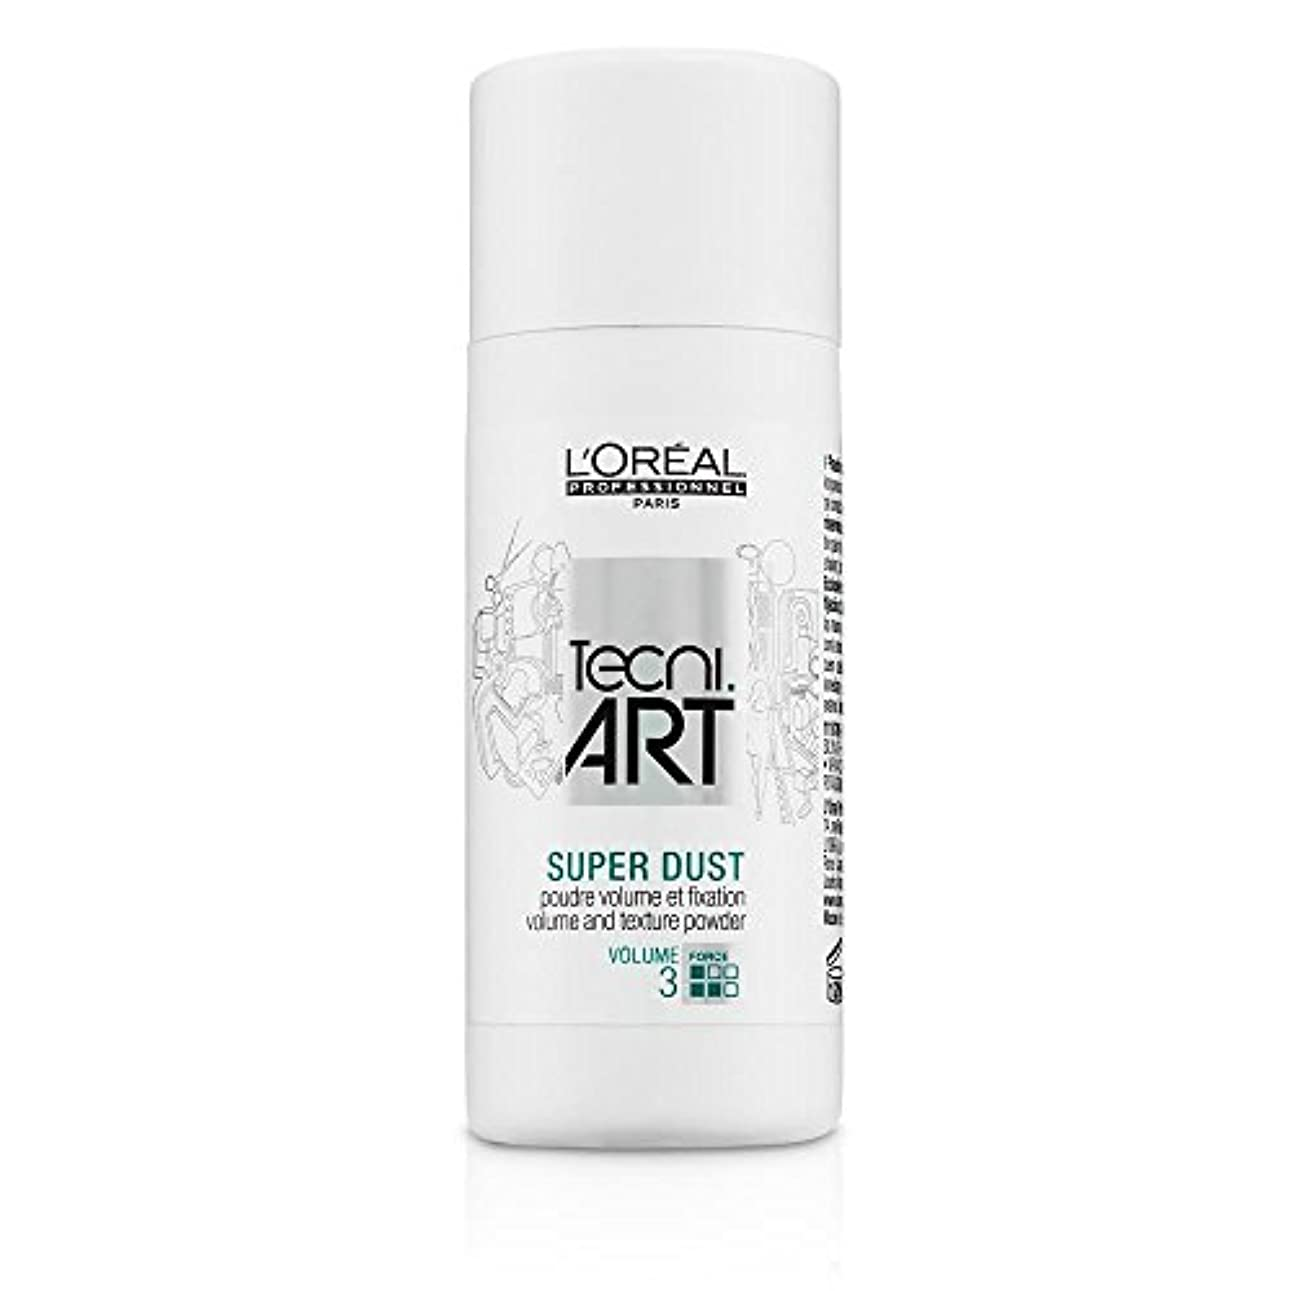 学習事務所チラチラするL'Oreal Tecni Art Super Dust - Volume And Texture Powder 7g [並行輸入品]